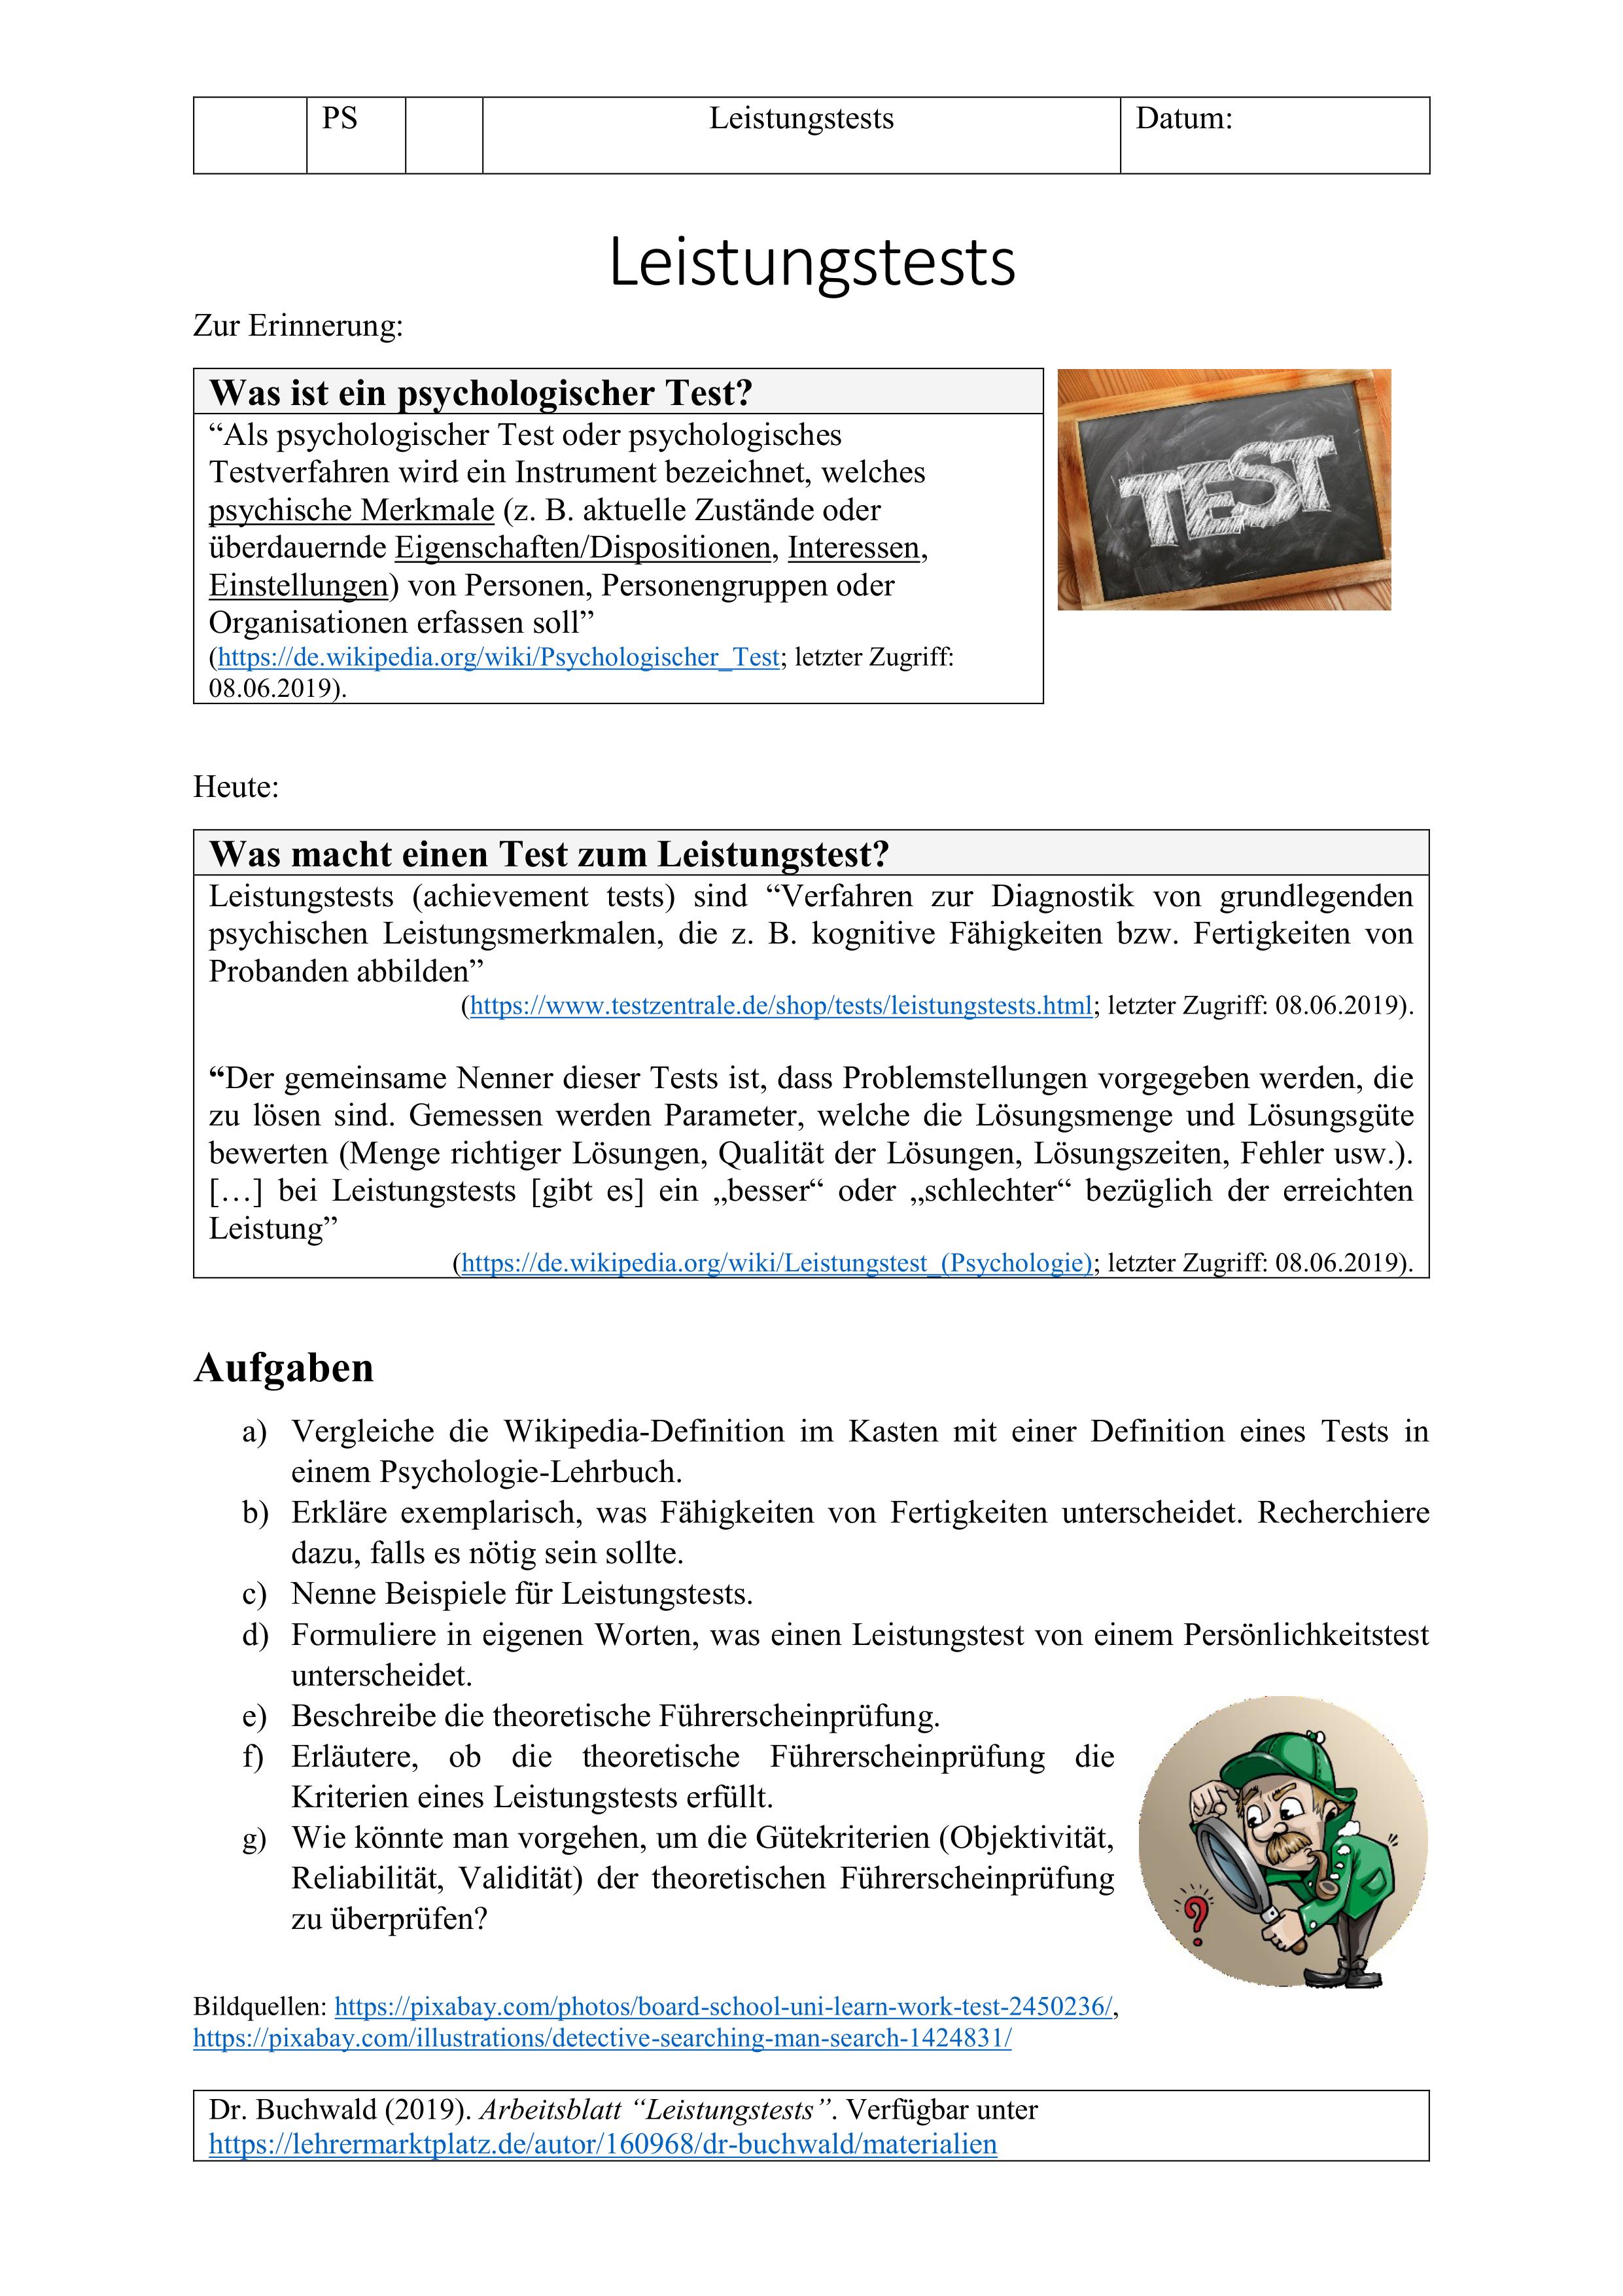 Leistungstests Arbeitsblatt Psychologie Unterrichtsmaterial Im Fach Psychologie Psychologie Arbeitsblatter Unterrichtsmaterial